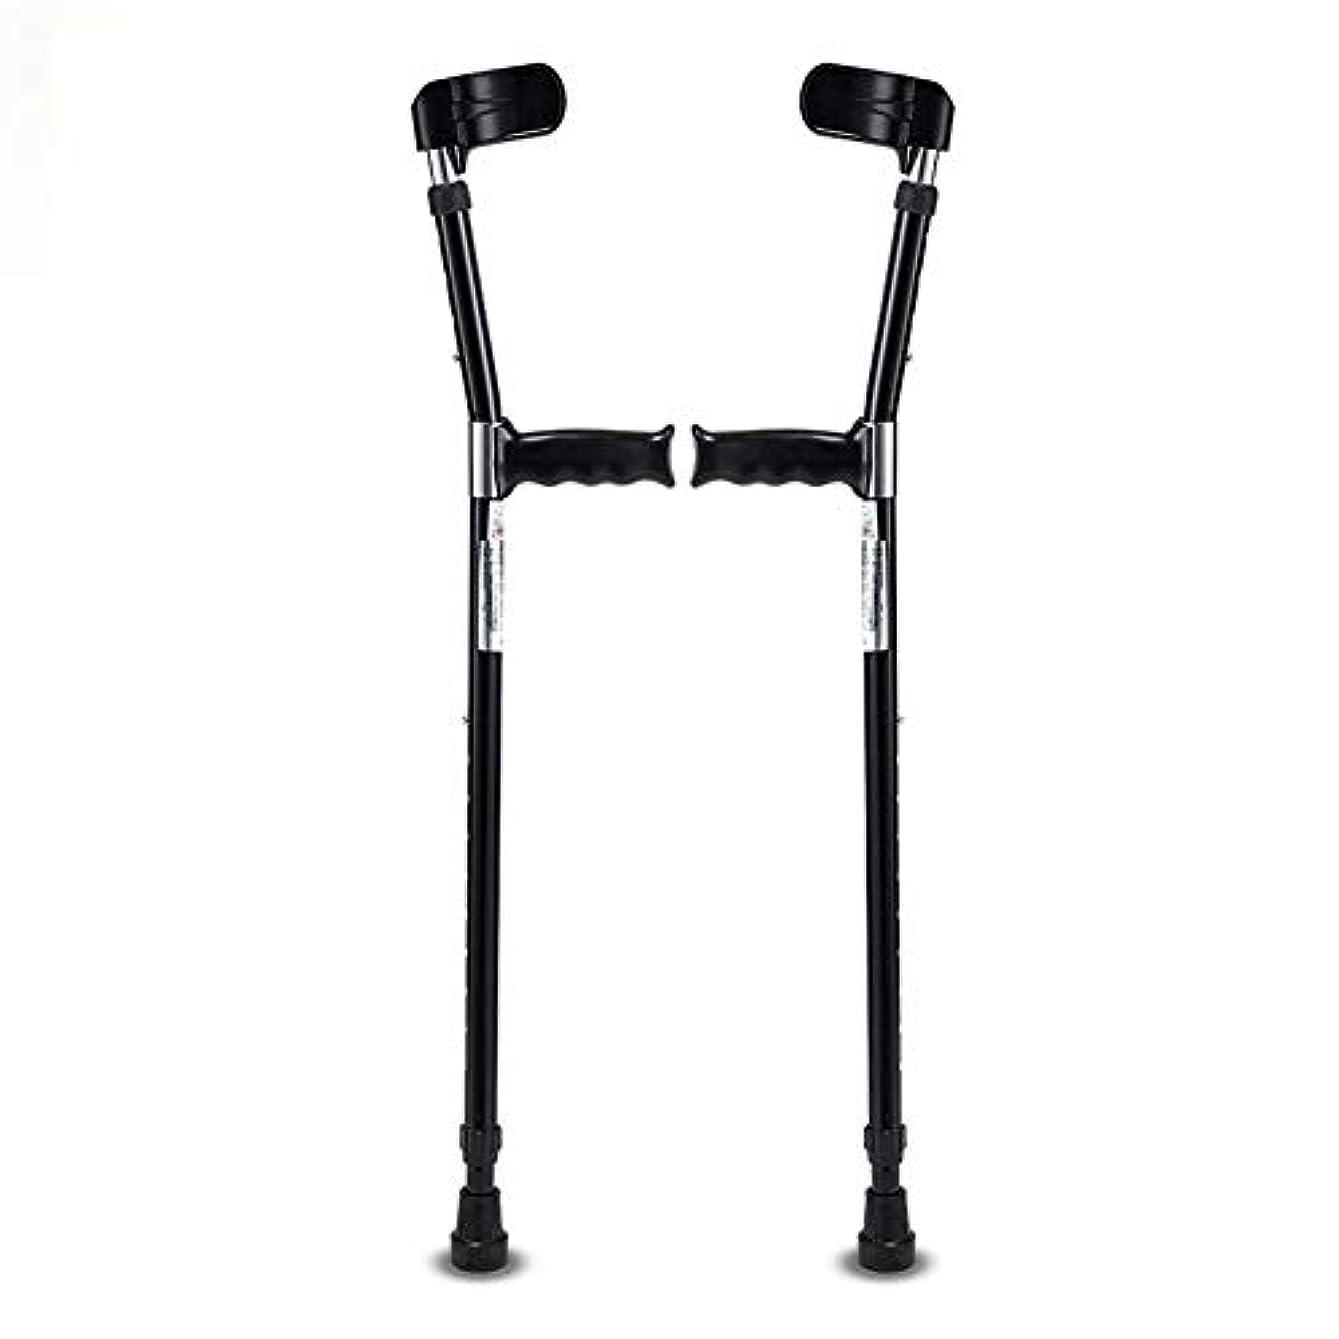 ベストほとんどない投資する松葉杖軽量リトラクタブルアルミリハビリテーション肘松葉杖無効ケーンウォーカー10高さ調整 (色 : 黒)